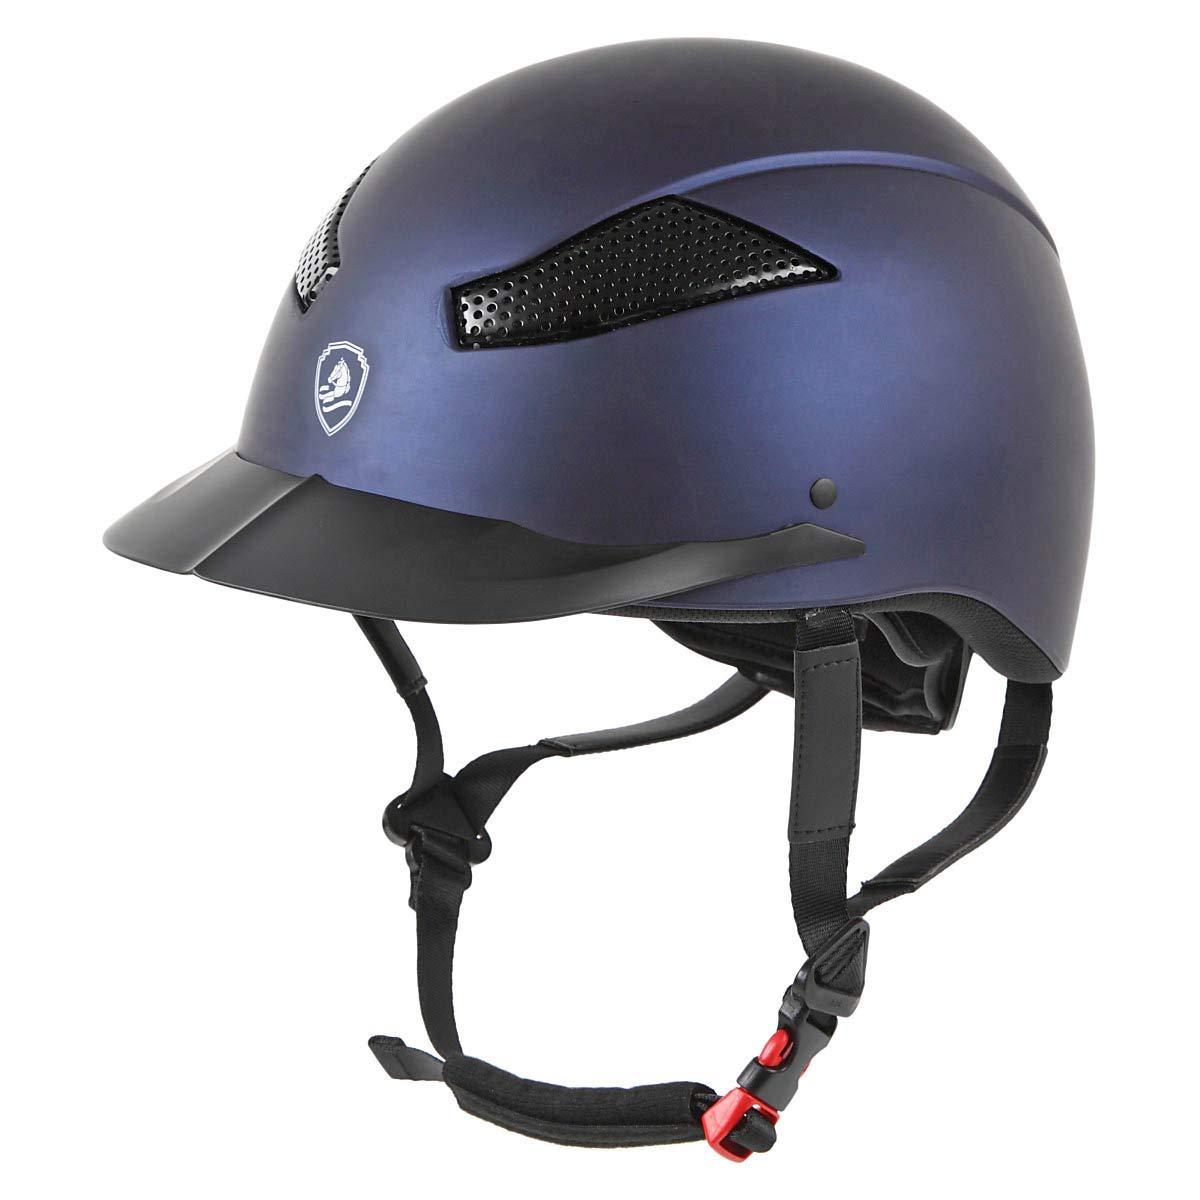 【売り切り御免!】 乗馬 ヘルメット ヘルメット プロテクター 乗馬用品 乗馬帽 帽子 EQULIBERTA B07QD9HFXH (4/10入荷予定)エアリー クールマックスダイヤル調整ヘルメット 乗馬用品 馬具 B07QD9HFXH Medium|ディープネイビー ディープネイビー Medium, 日本茶専門店 てらさわ茶舗:9ca6dc29 --- svecha37.ru